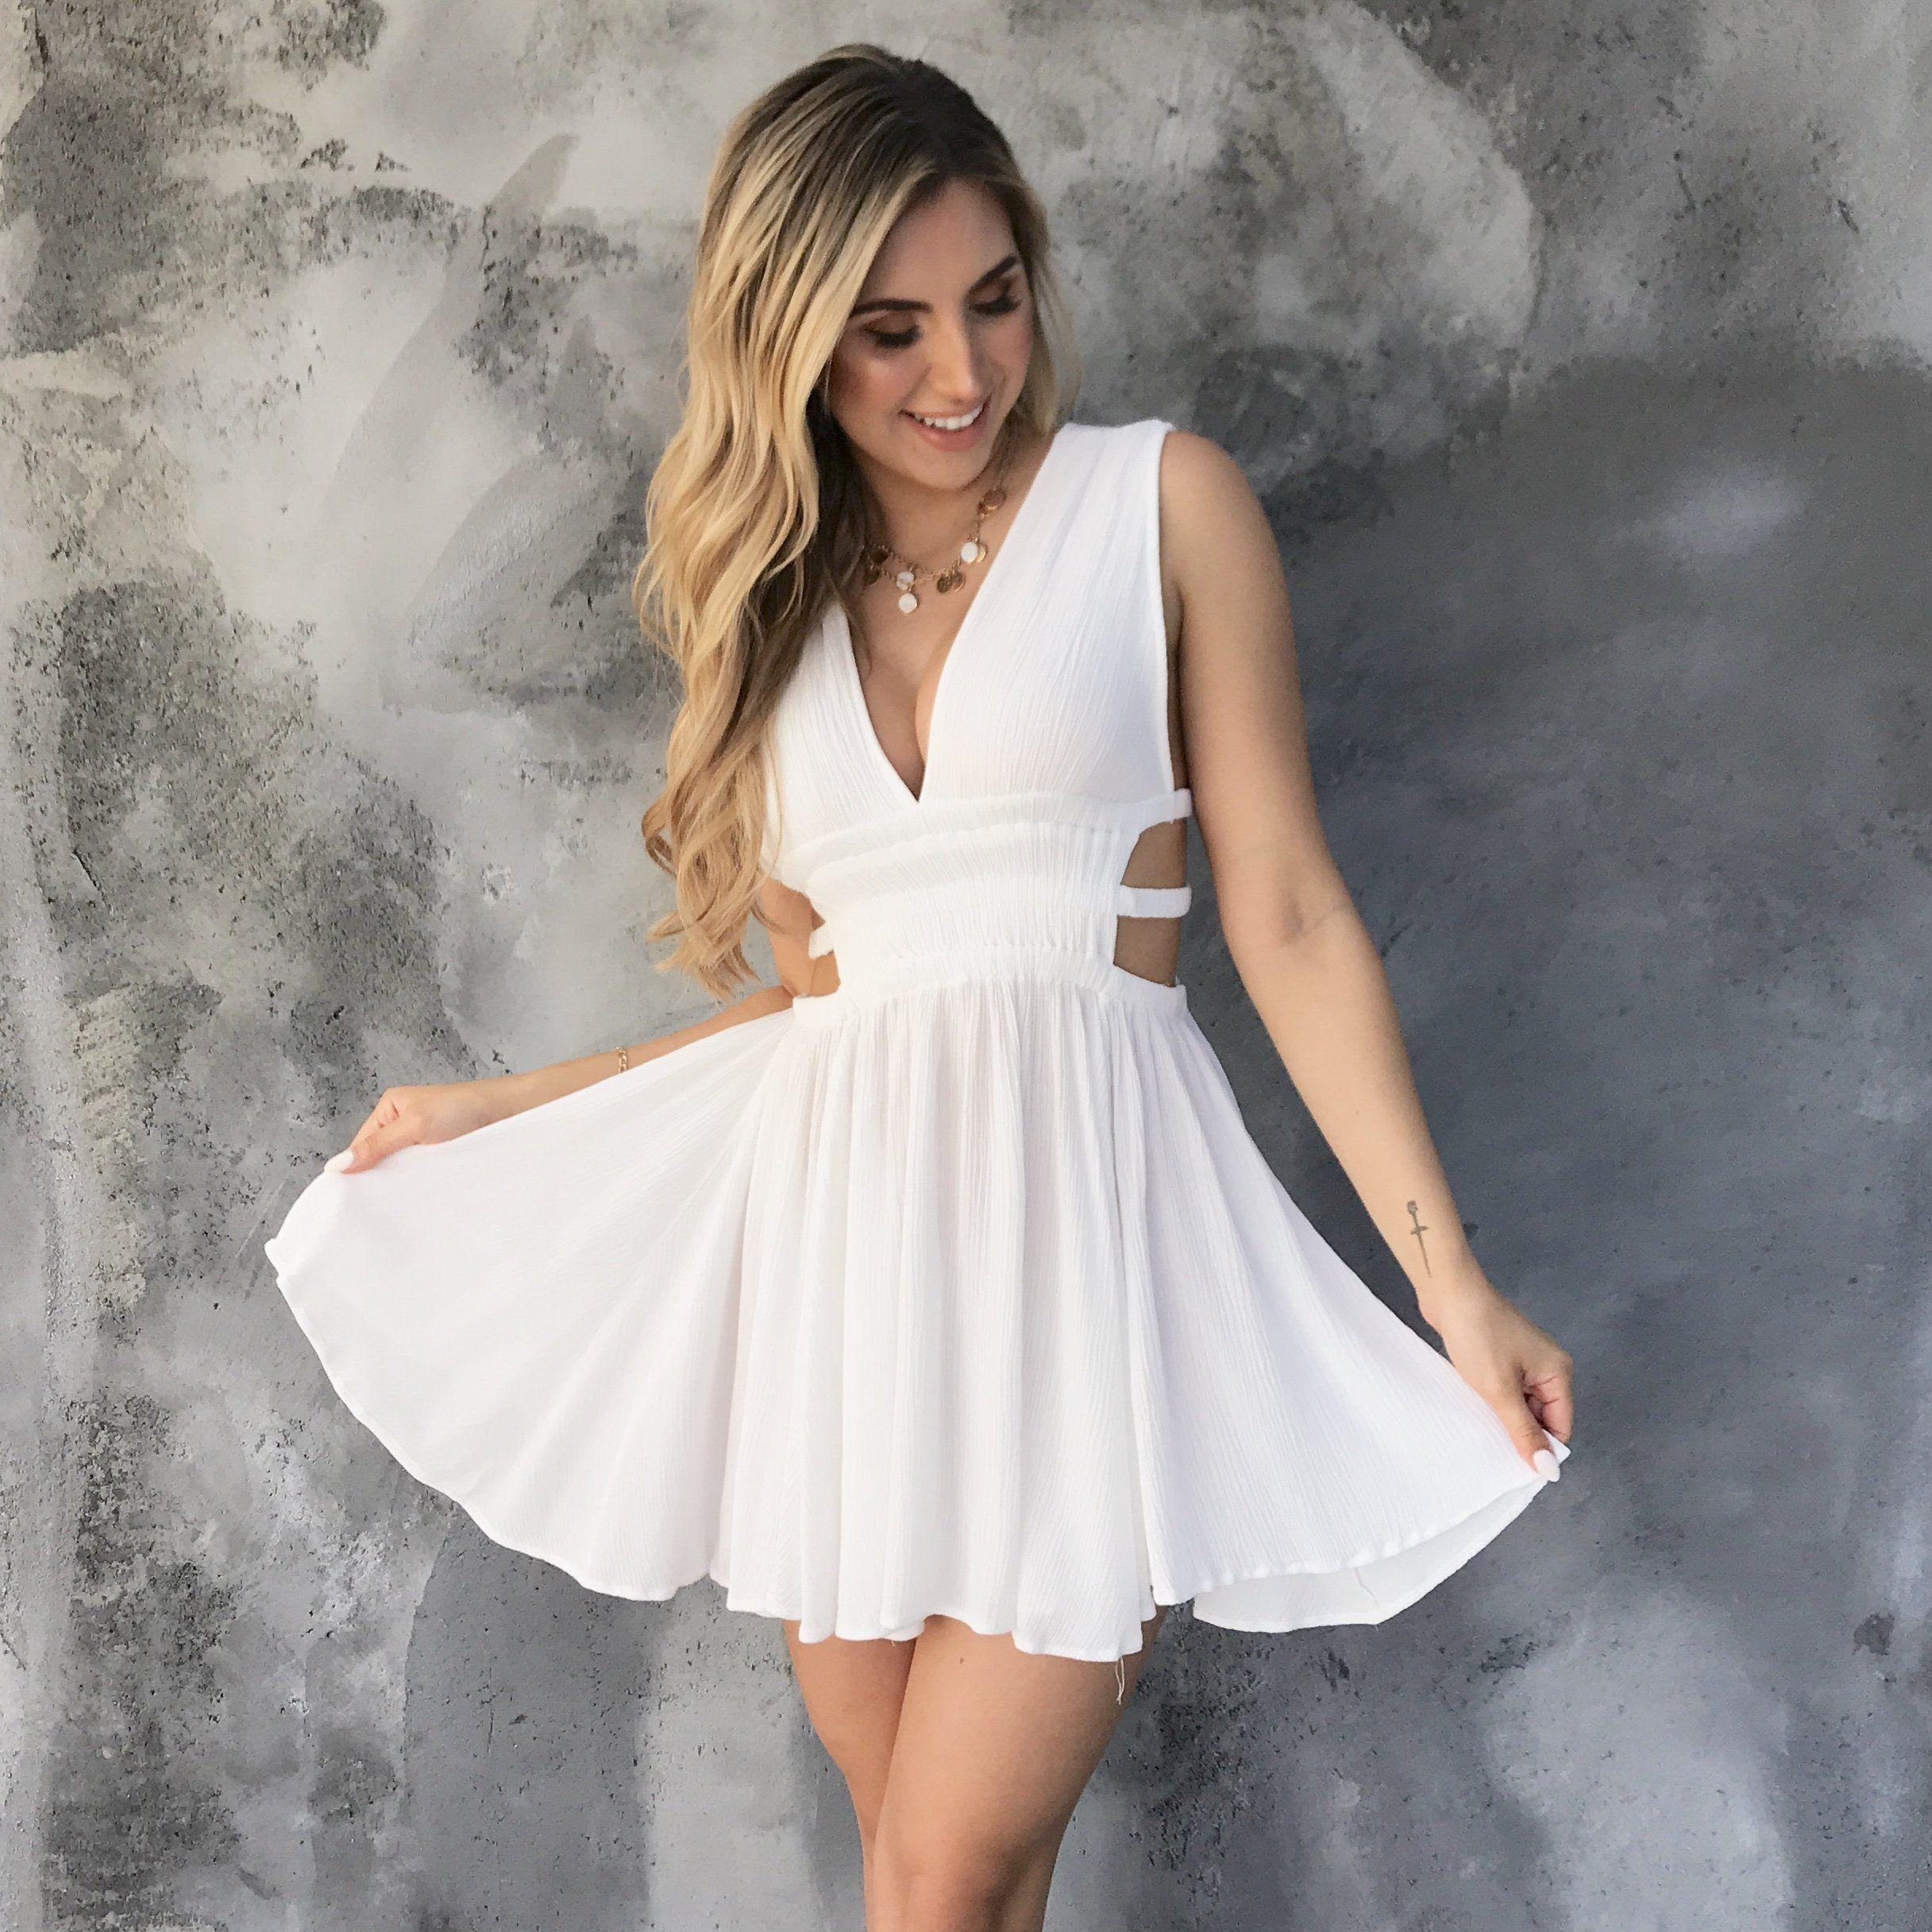 Lovers Quarrel White Skater Dress In 2021 White Homecoming Dresses Short White Prom Dress Short White Skater Dresses [ 2433 x 2433 Pixel ]